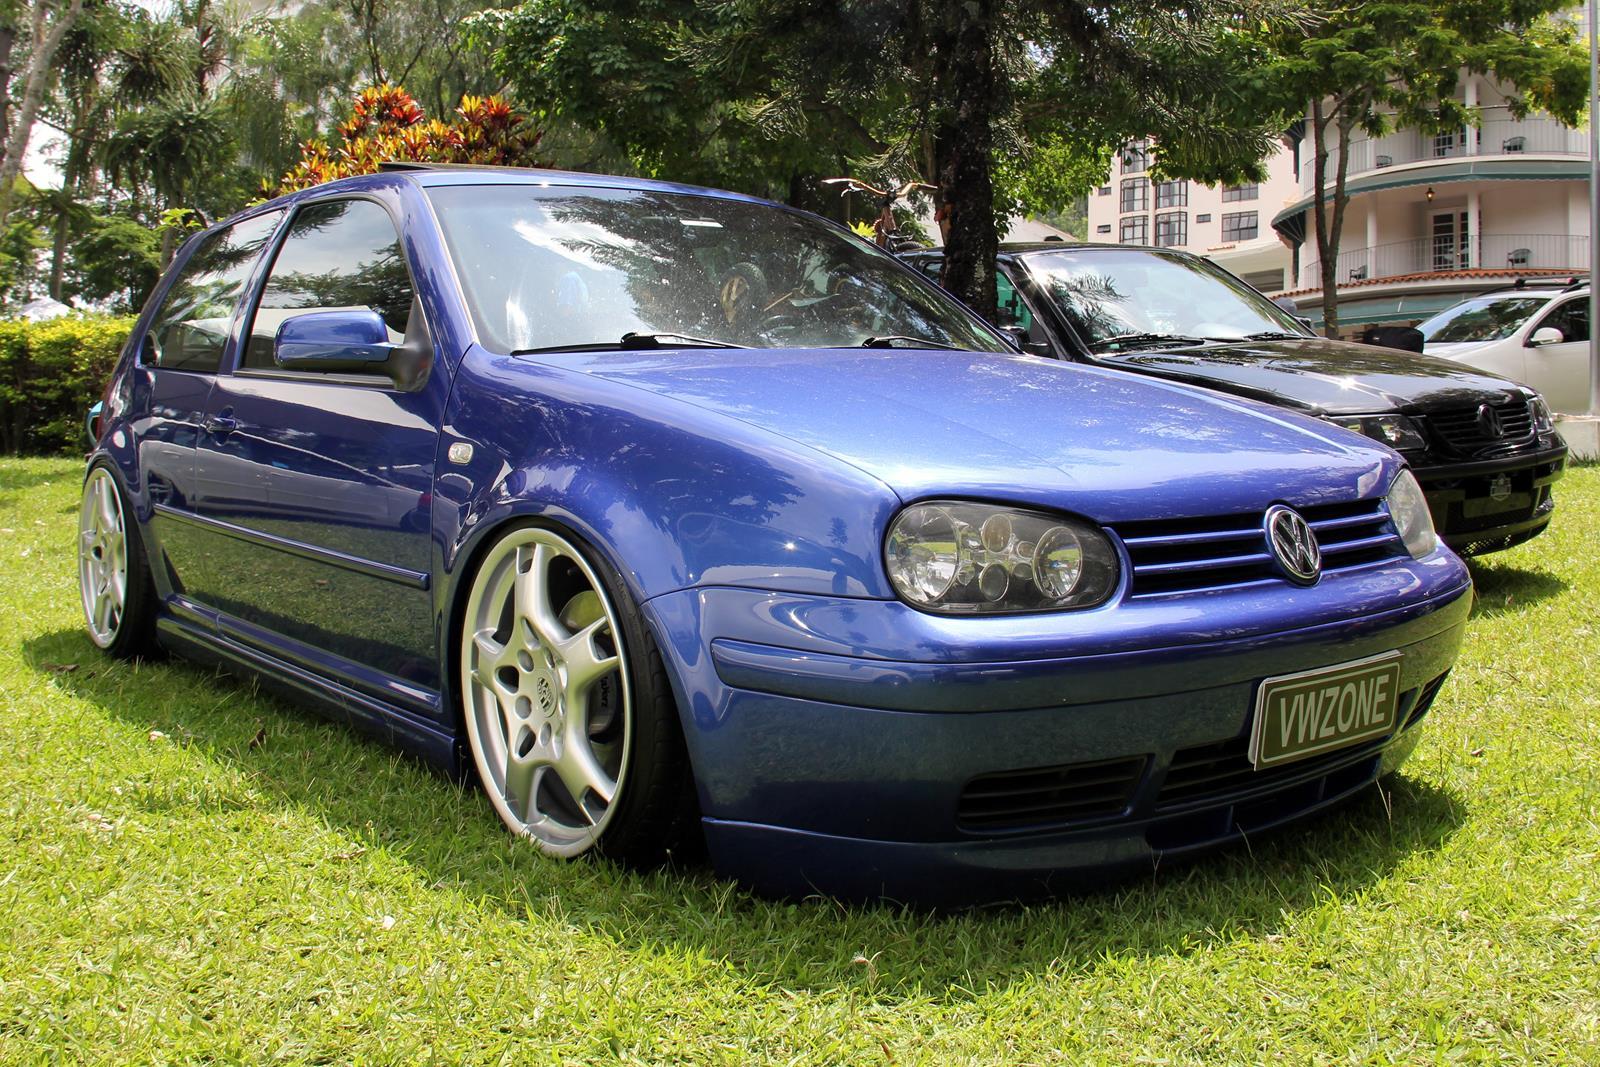 Fabricado no Brasil a partir de 2002 para ser exportado aos EUA e Canadá recebiam o modelo, o Golf VR6 virou edição especial no Brasil em 2003. Apenas 97 unidades foram vendidas.